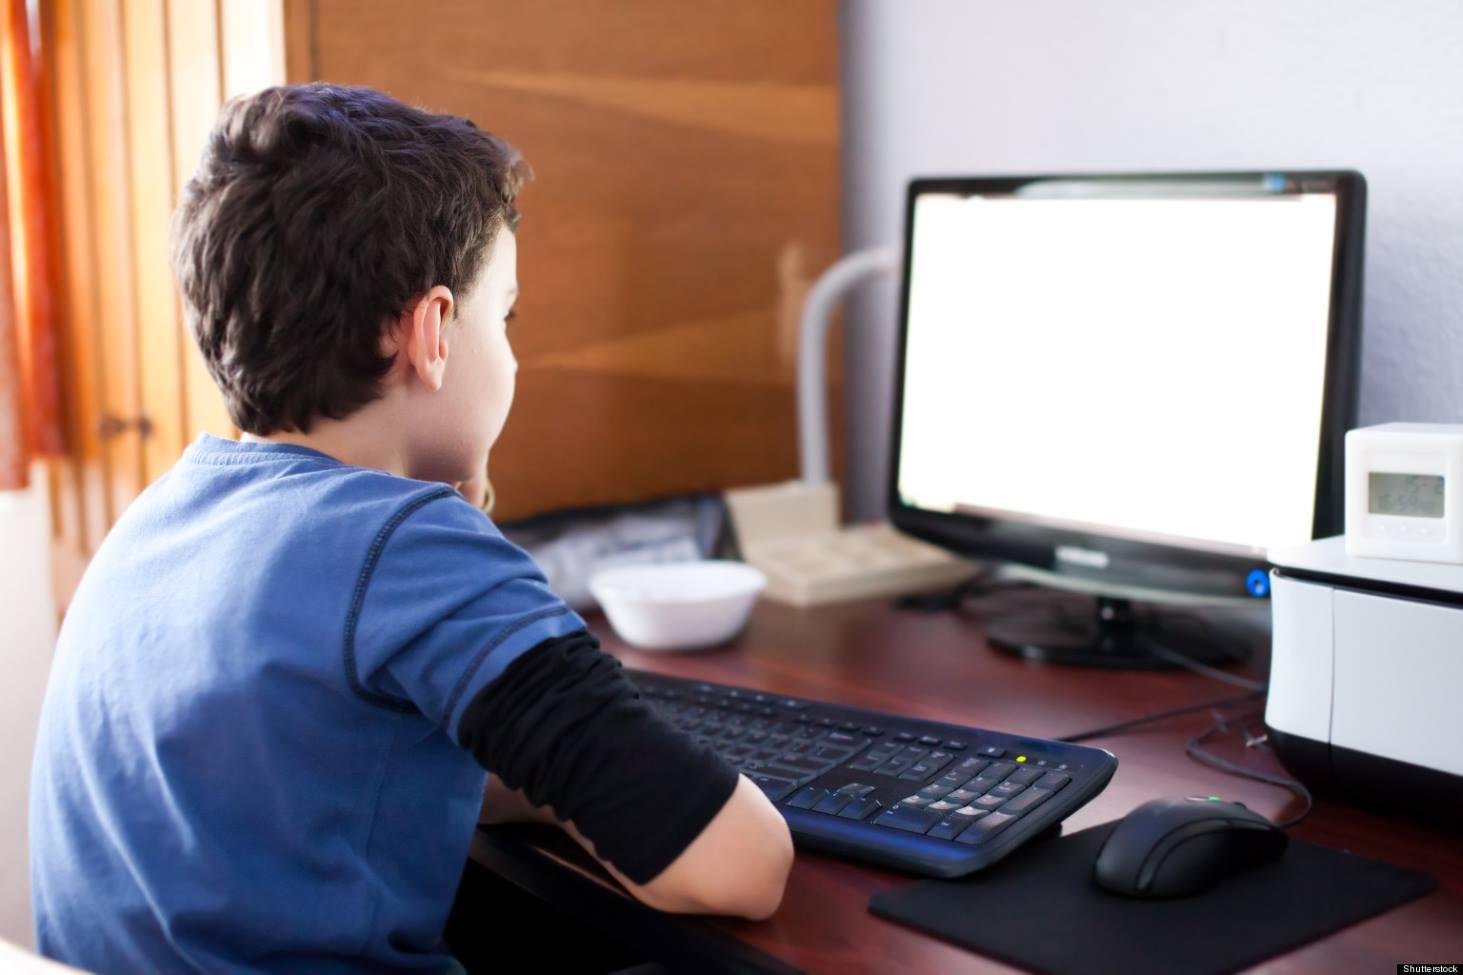 v-minprosveshheniya-ustanovyat-pravovoj-status-onlajn-obrazovaniya